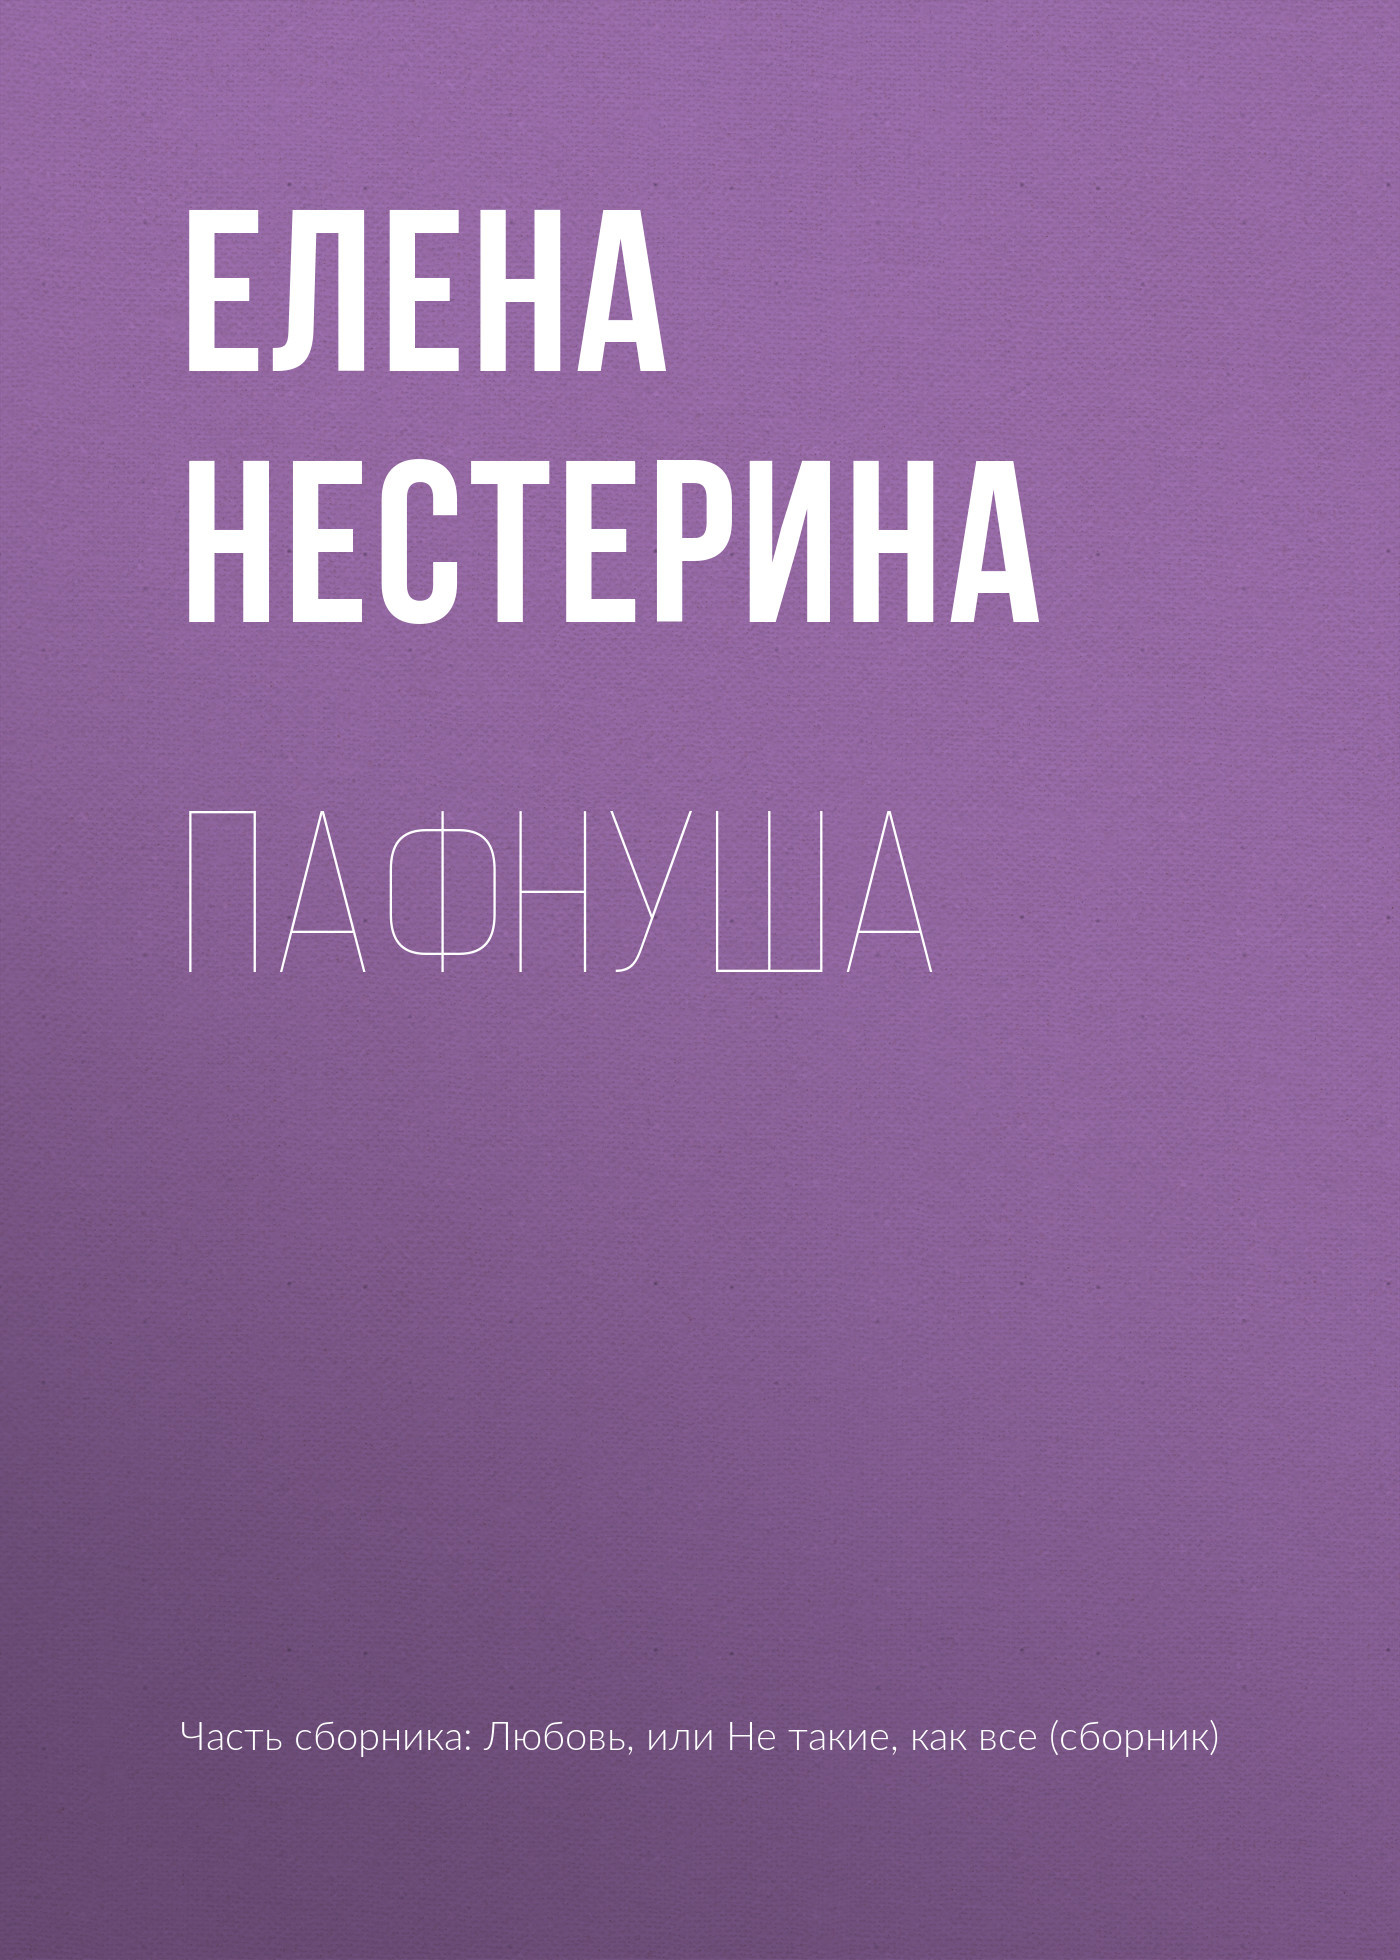 Елена Нестерина Пафнуша пусть все не так стихотворения